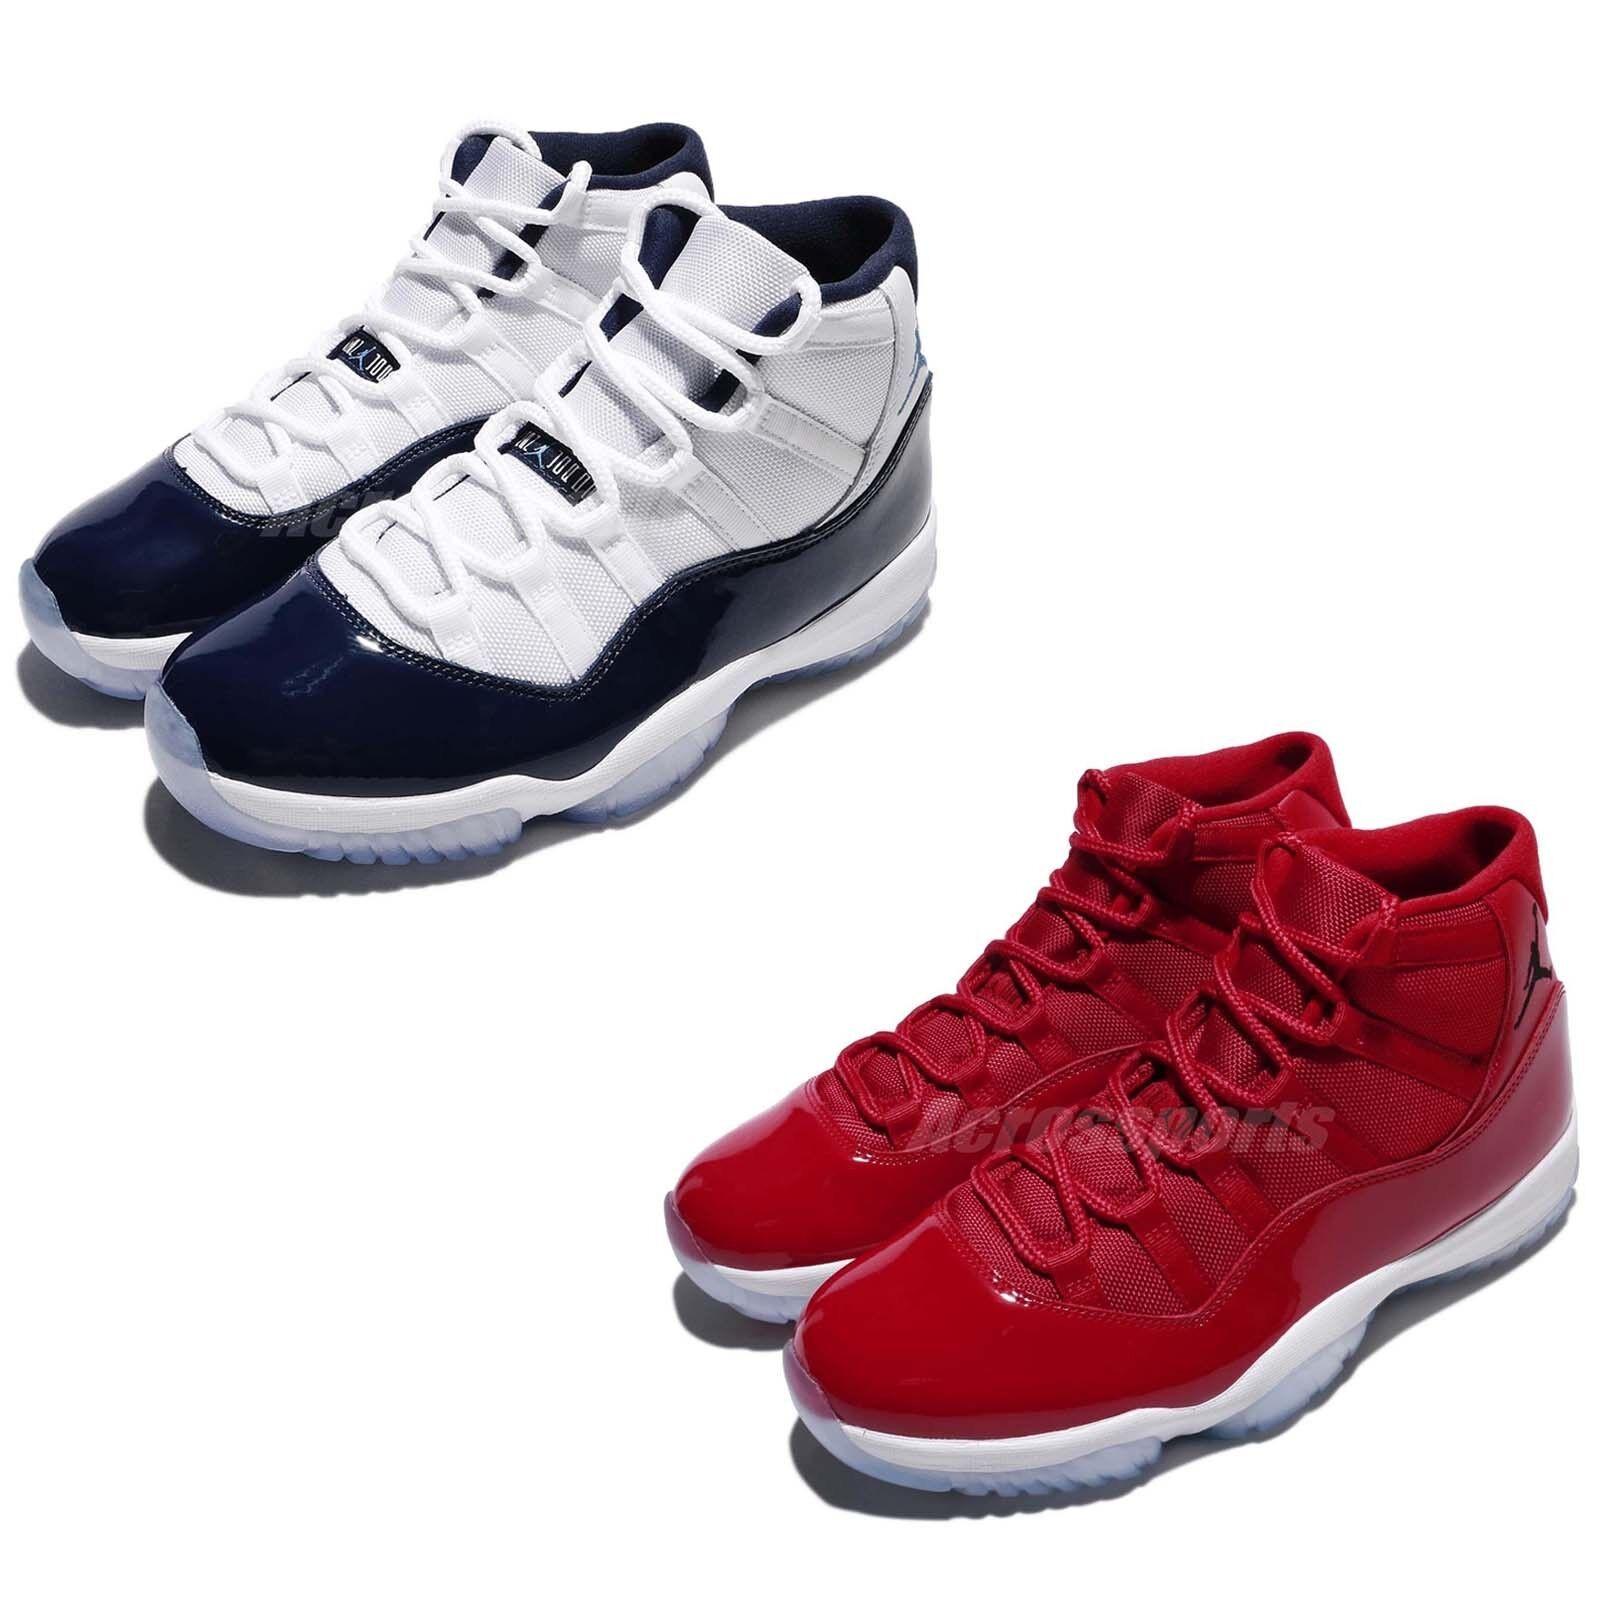 2017 Nike Air Jordan 11 XI Retro AJ11